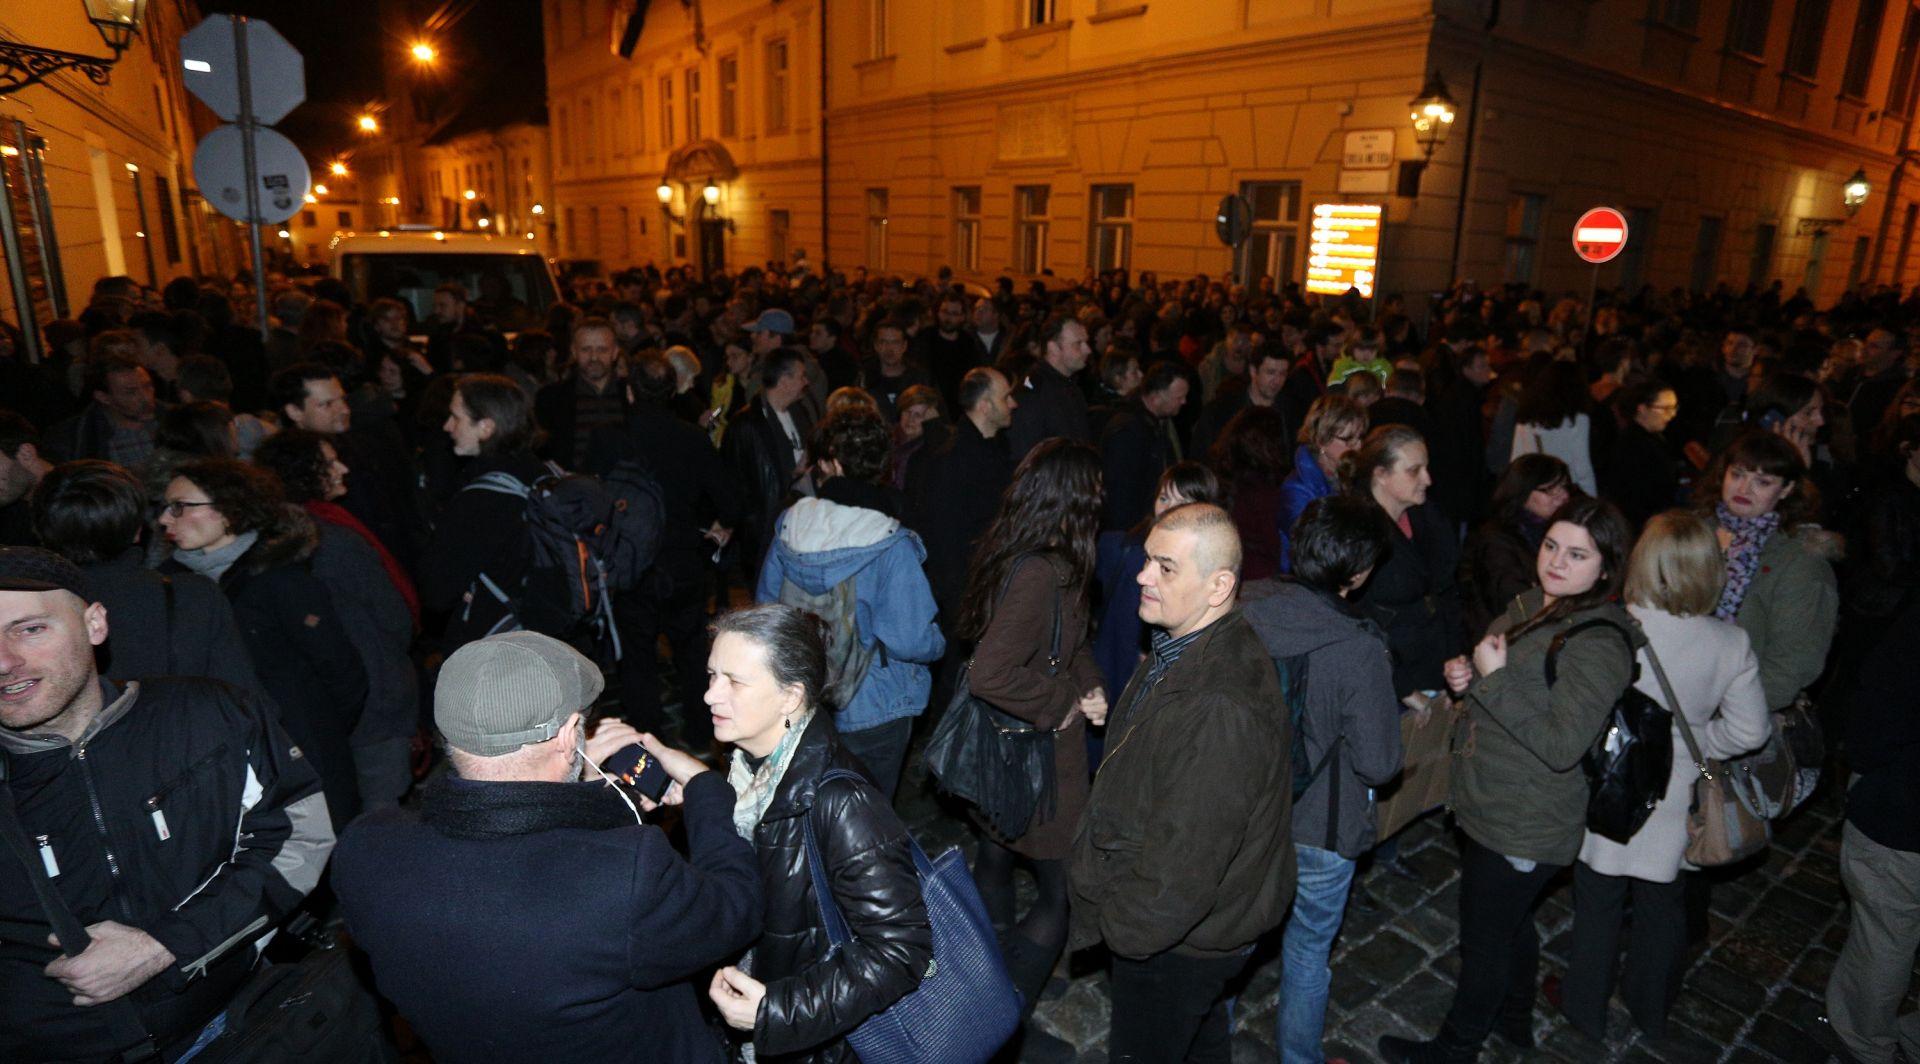 """MARKOV TRG Preko tisuću """"izdajnika"""" okupilo se na prosvjedu Radničke fronte"""